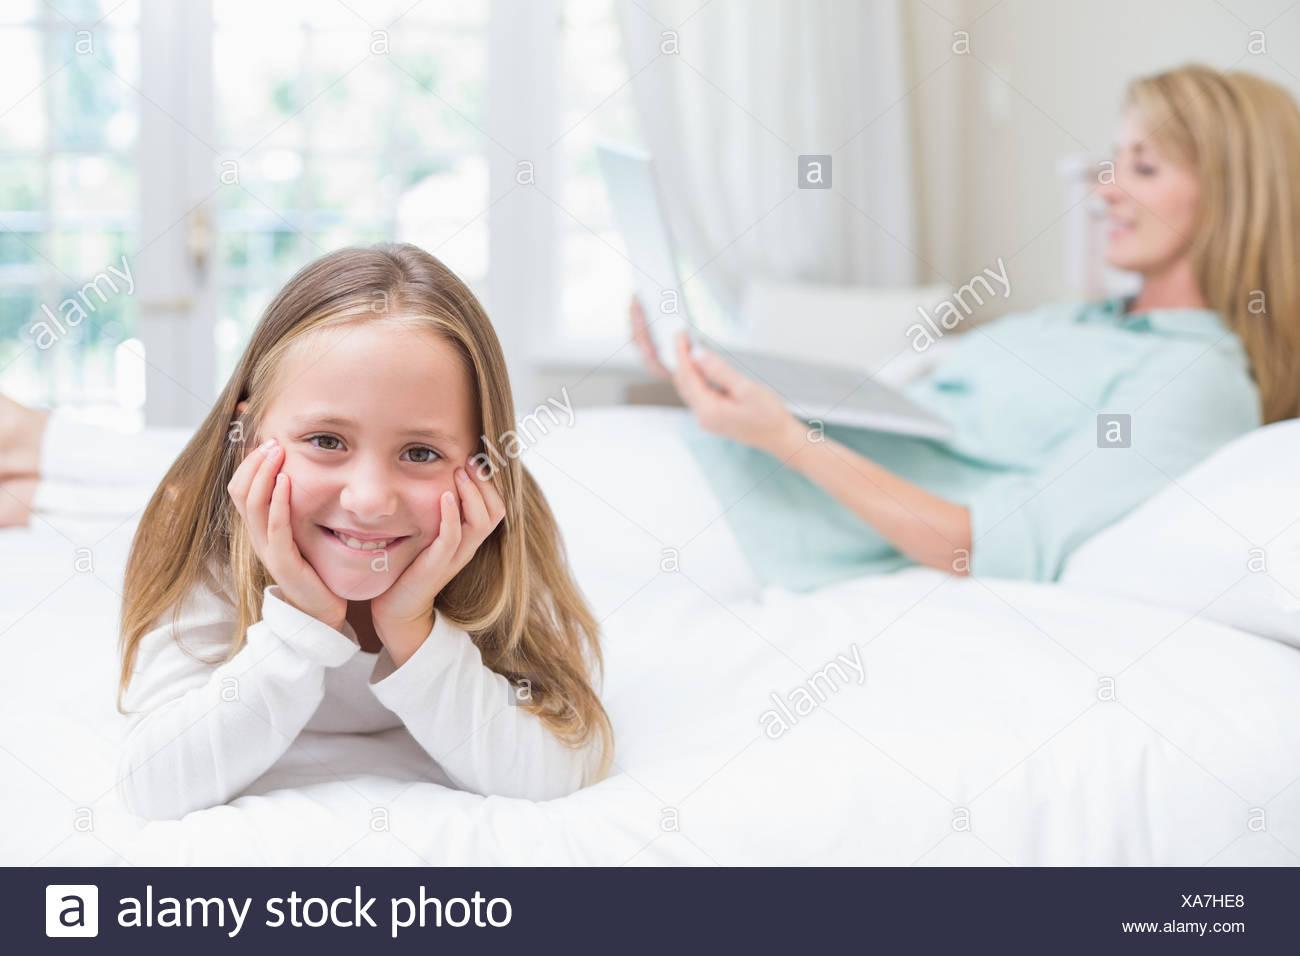 Bambina guardando la fotocamera mentre madre utilizzando laptop Immagini Stock